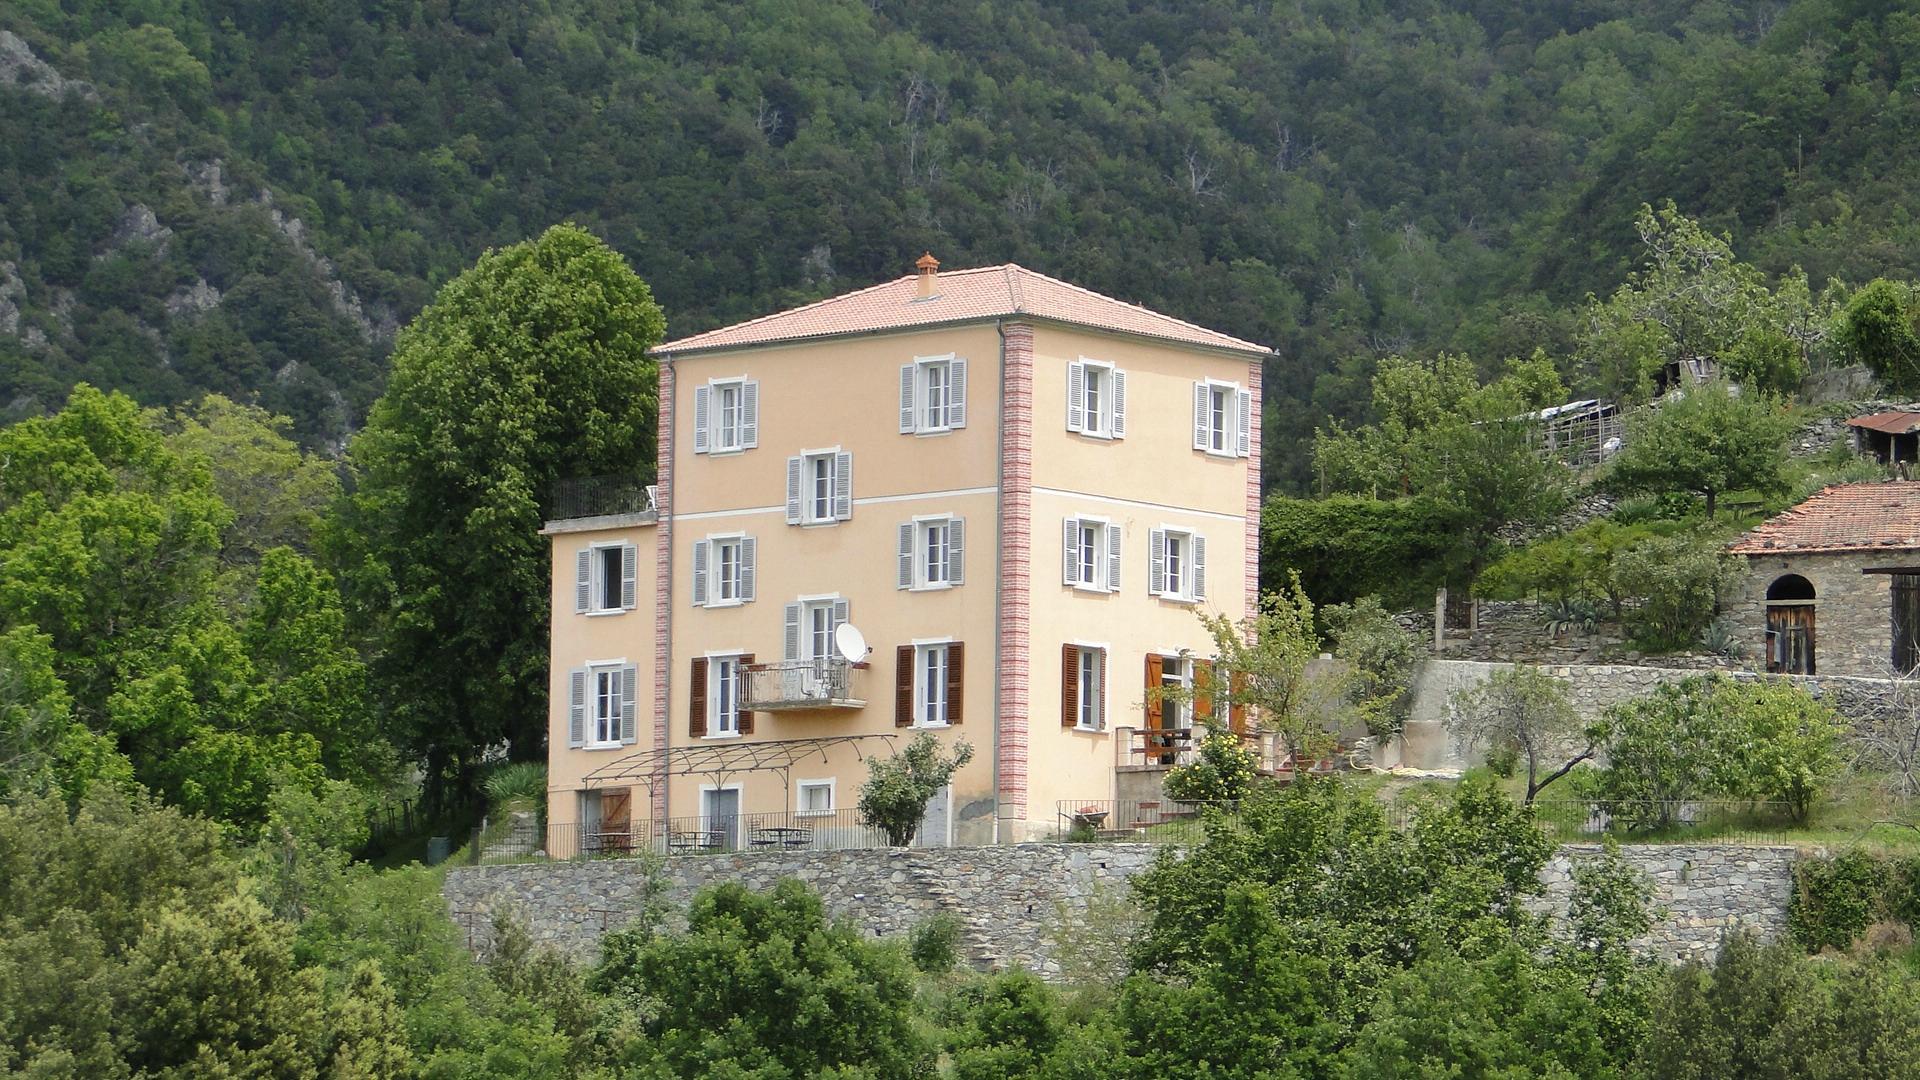 Casa Capellini